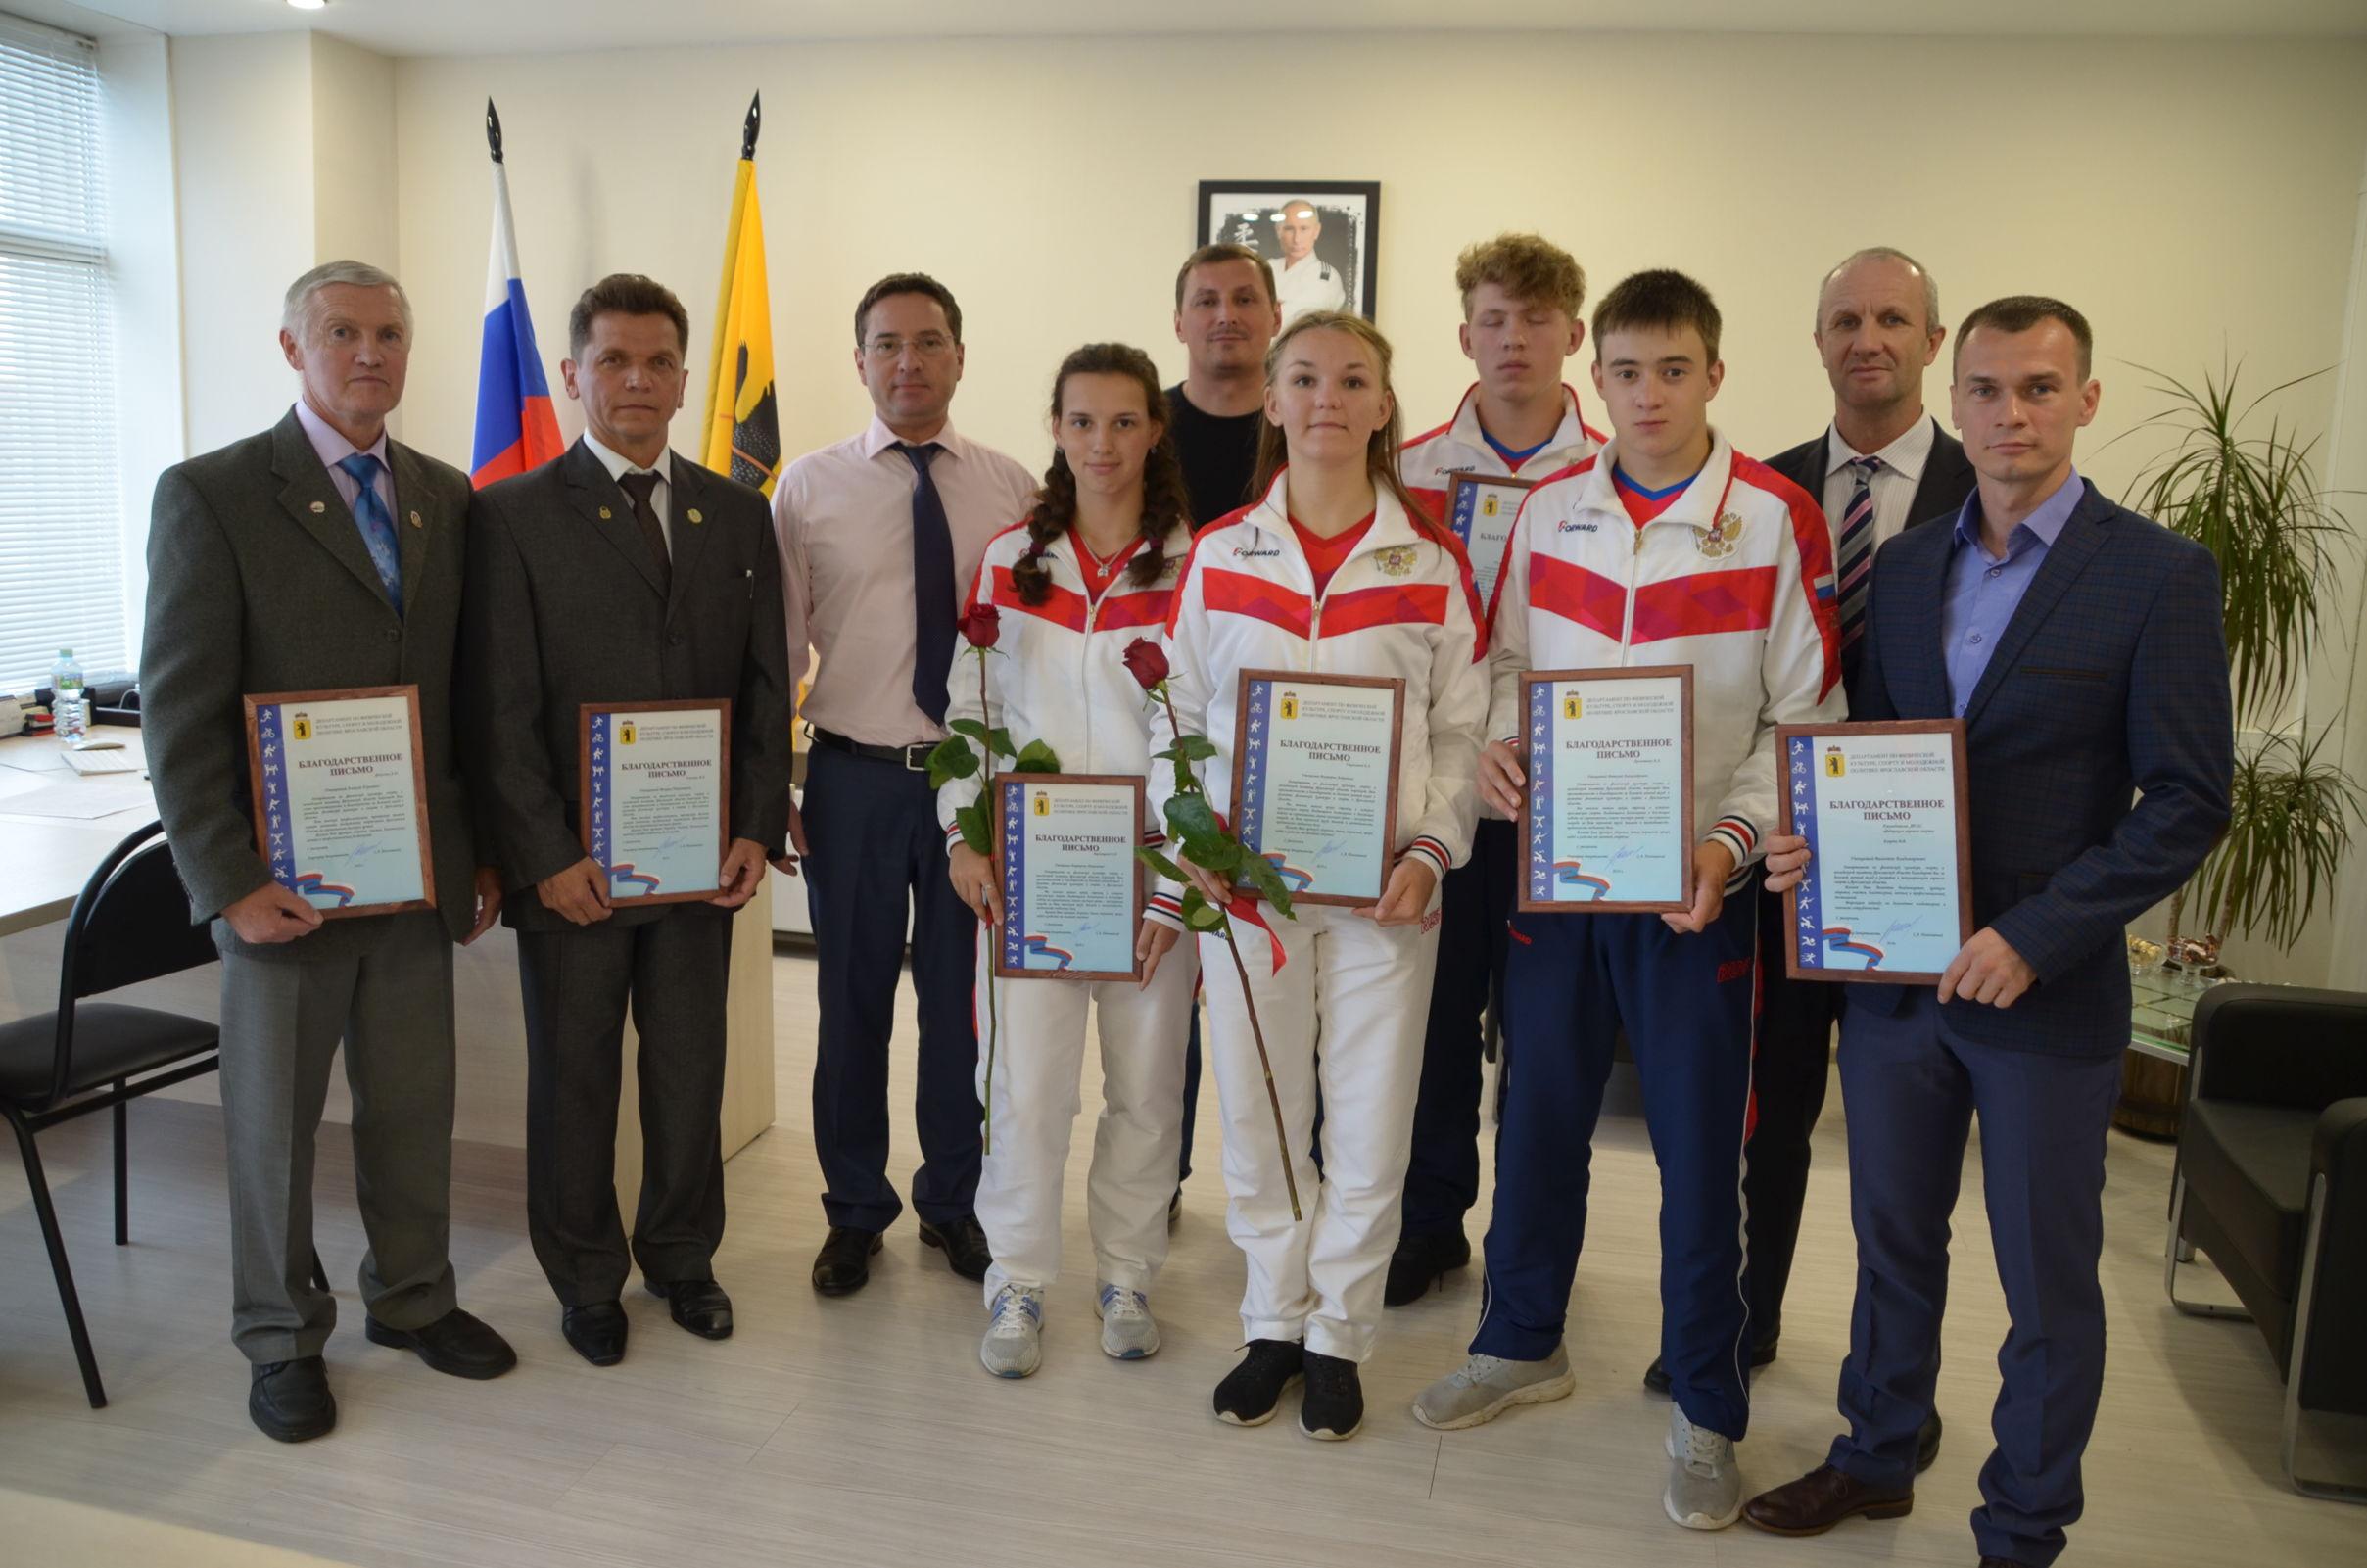 В Ярославле состоялось чествование сборной региона по гиревому спорту